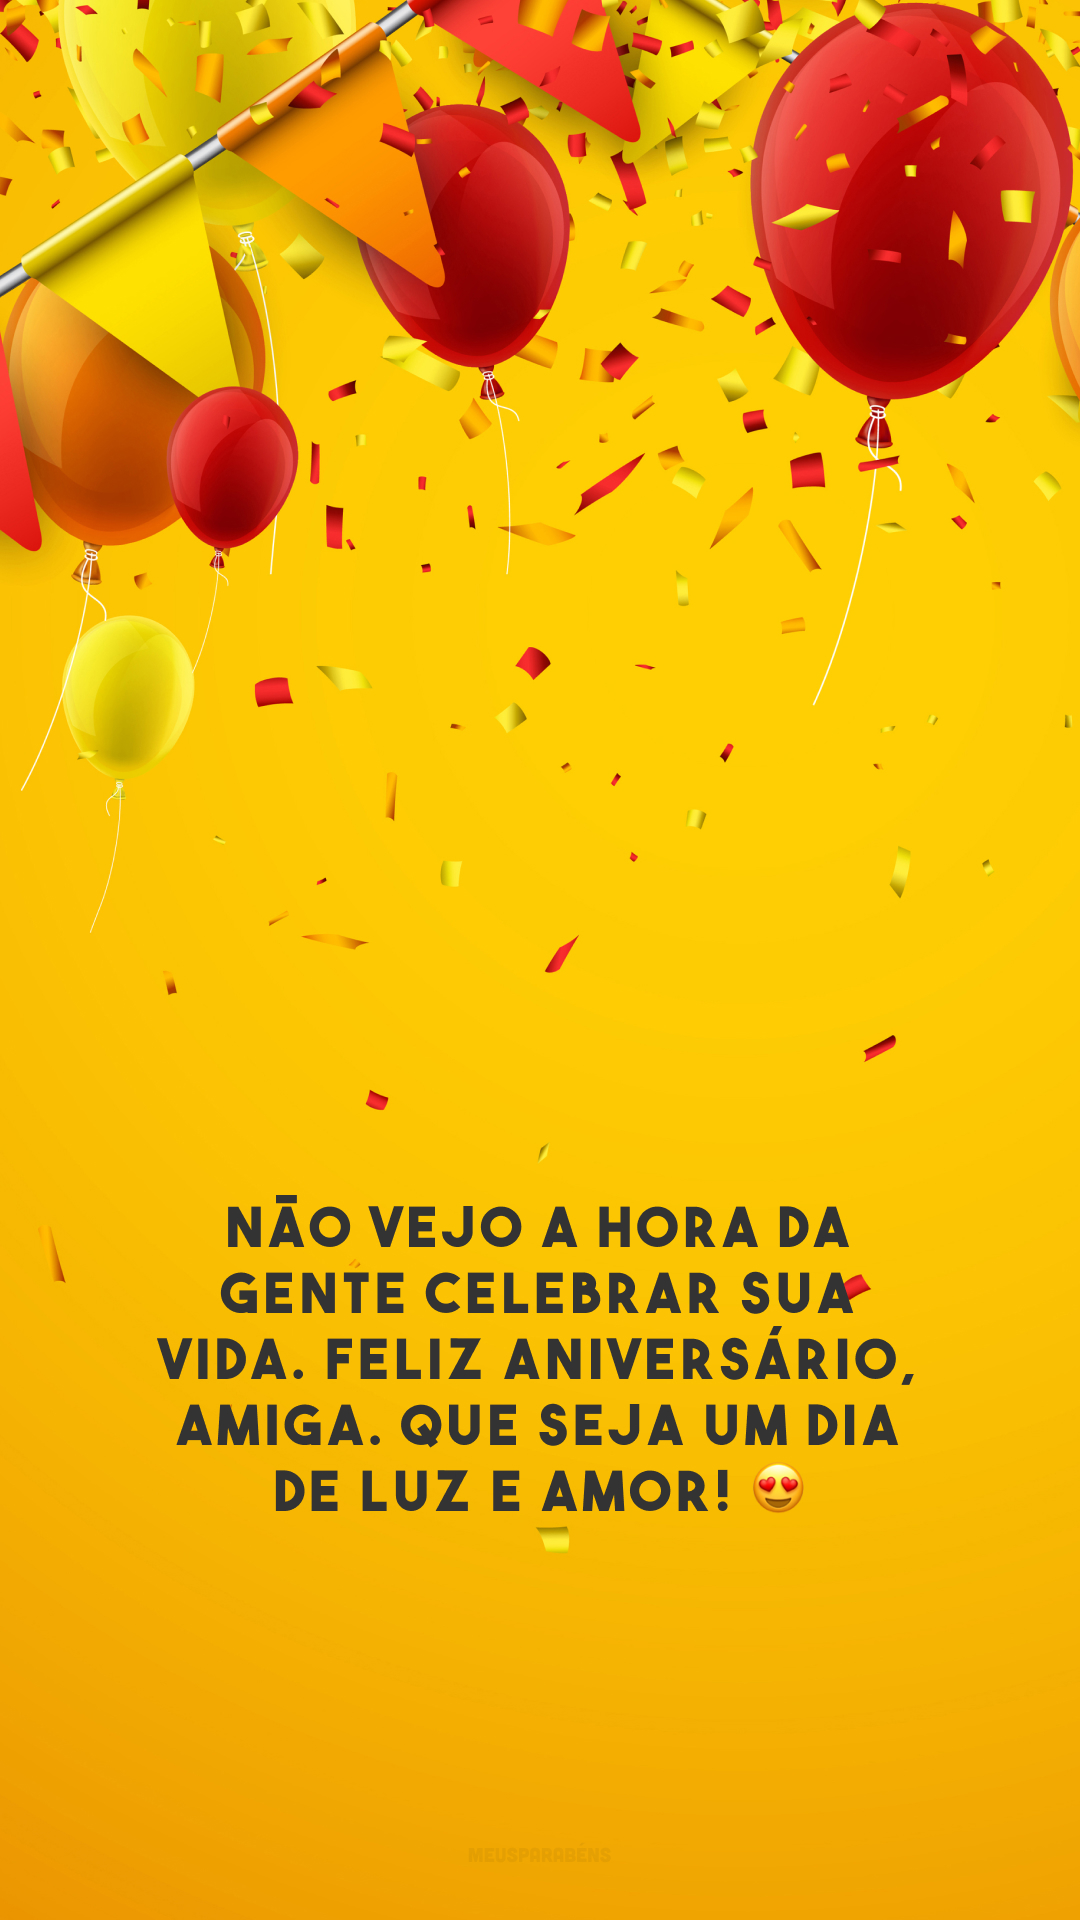 Não vejo a hora da gente celebrar sua vida. Feliz aniversário, amiga. Que seja um dia de luz e amor! 😍